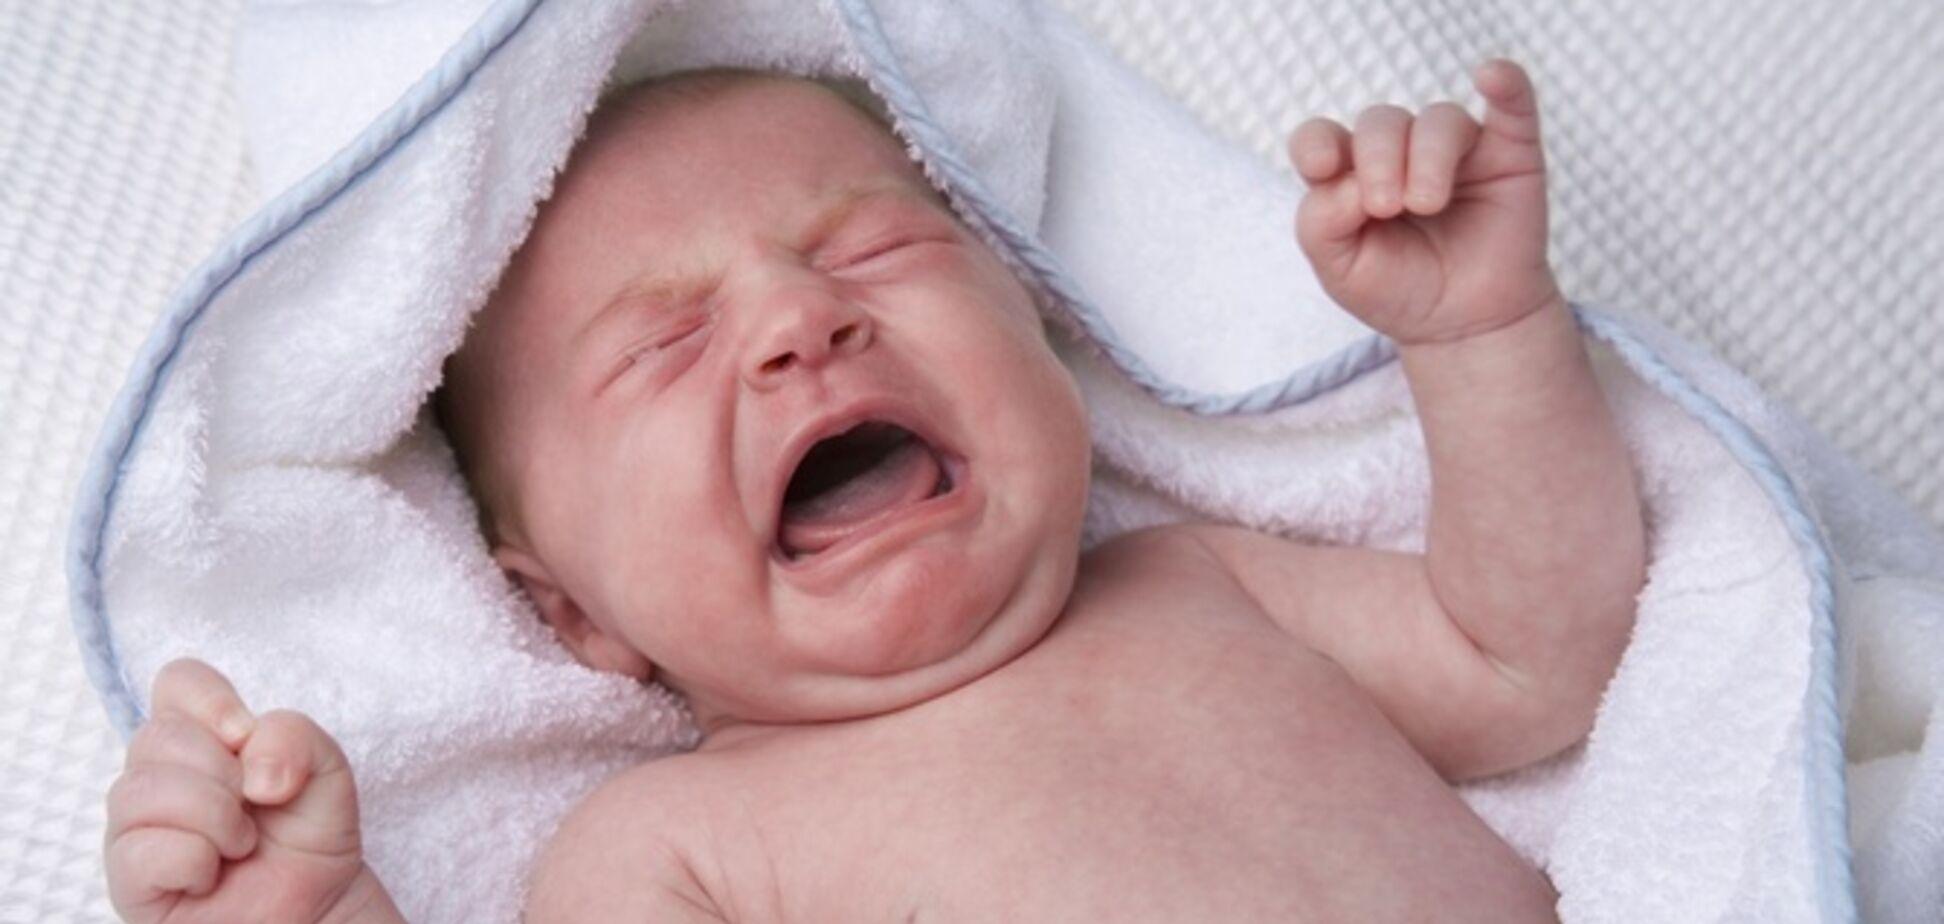 Головой об стену: в Днепре психбольная мать издевалась над младенцем